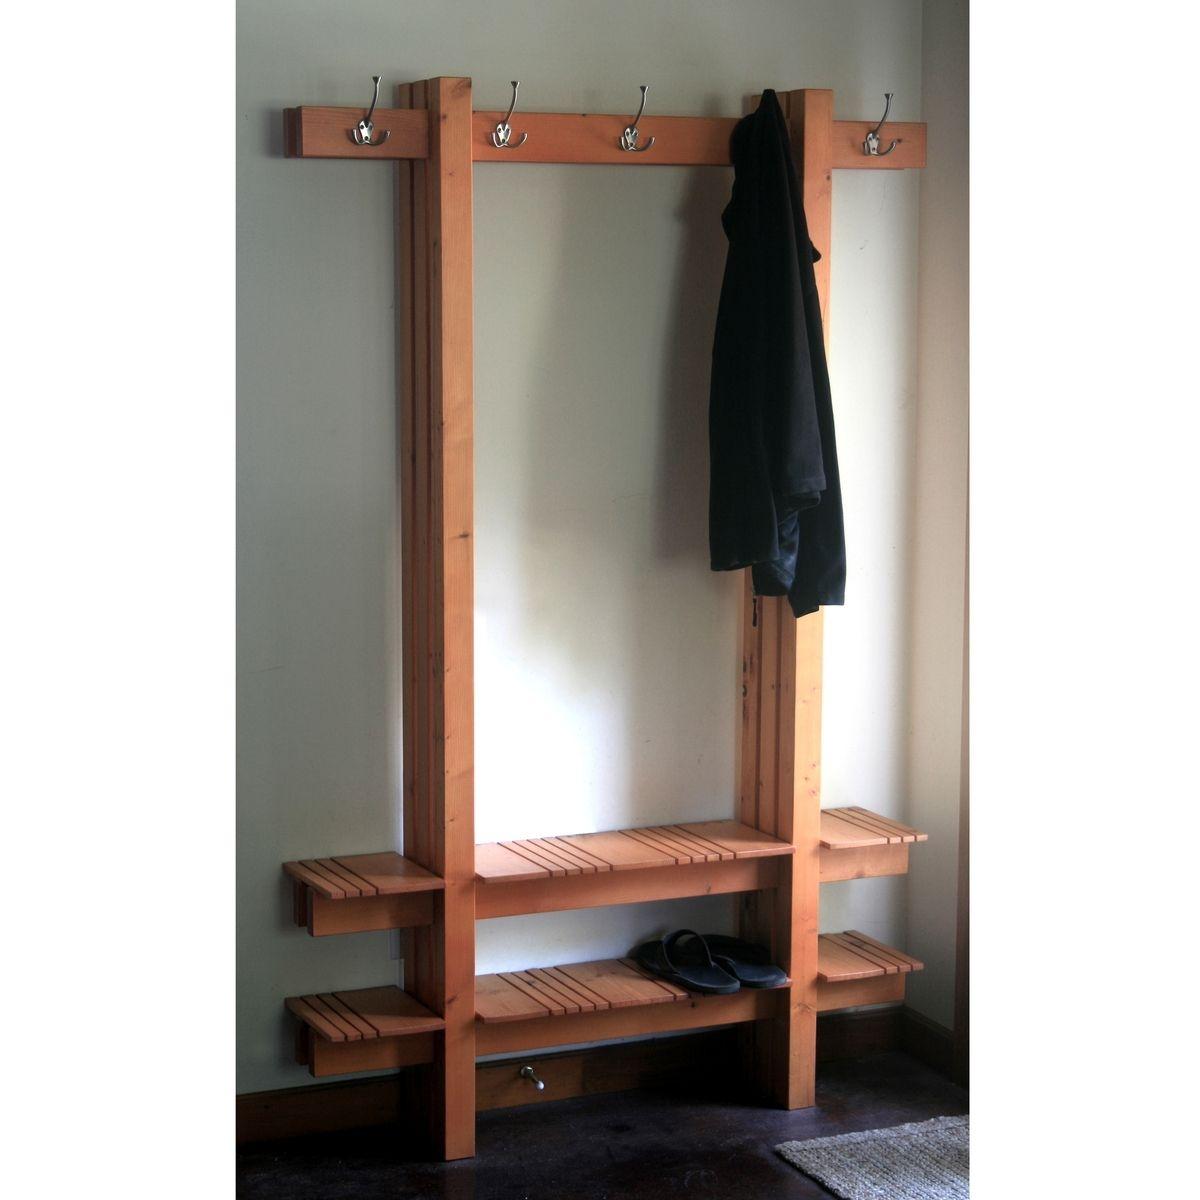 Bench coat hanger & Bench Coat Rack - Foter